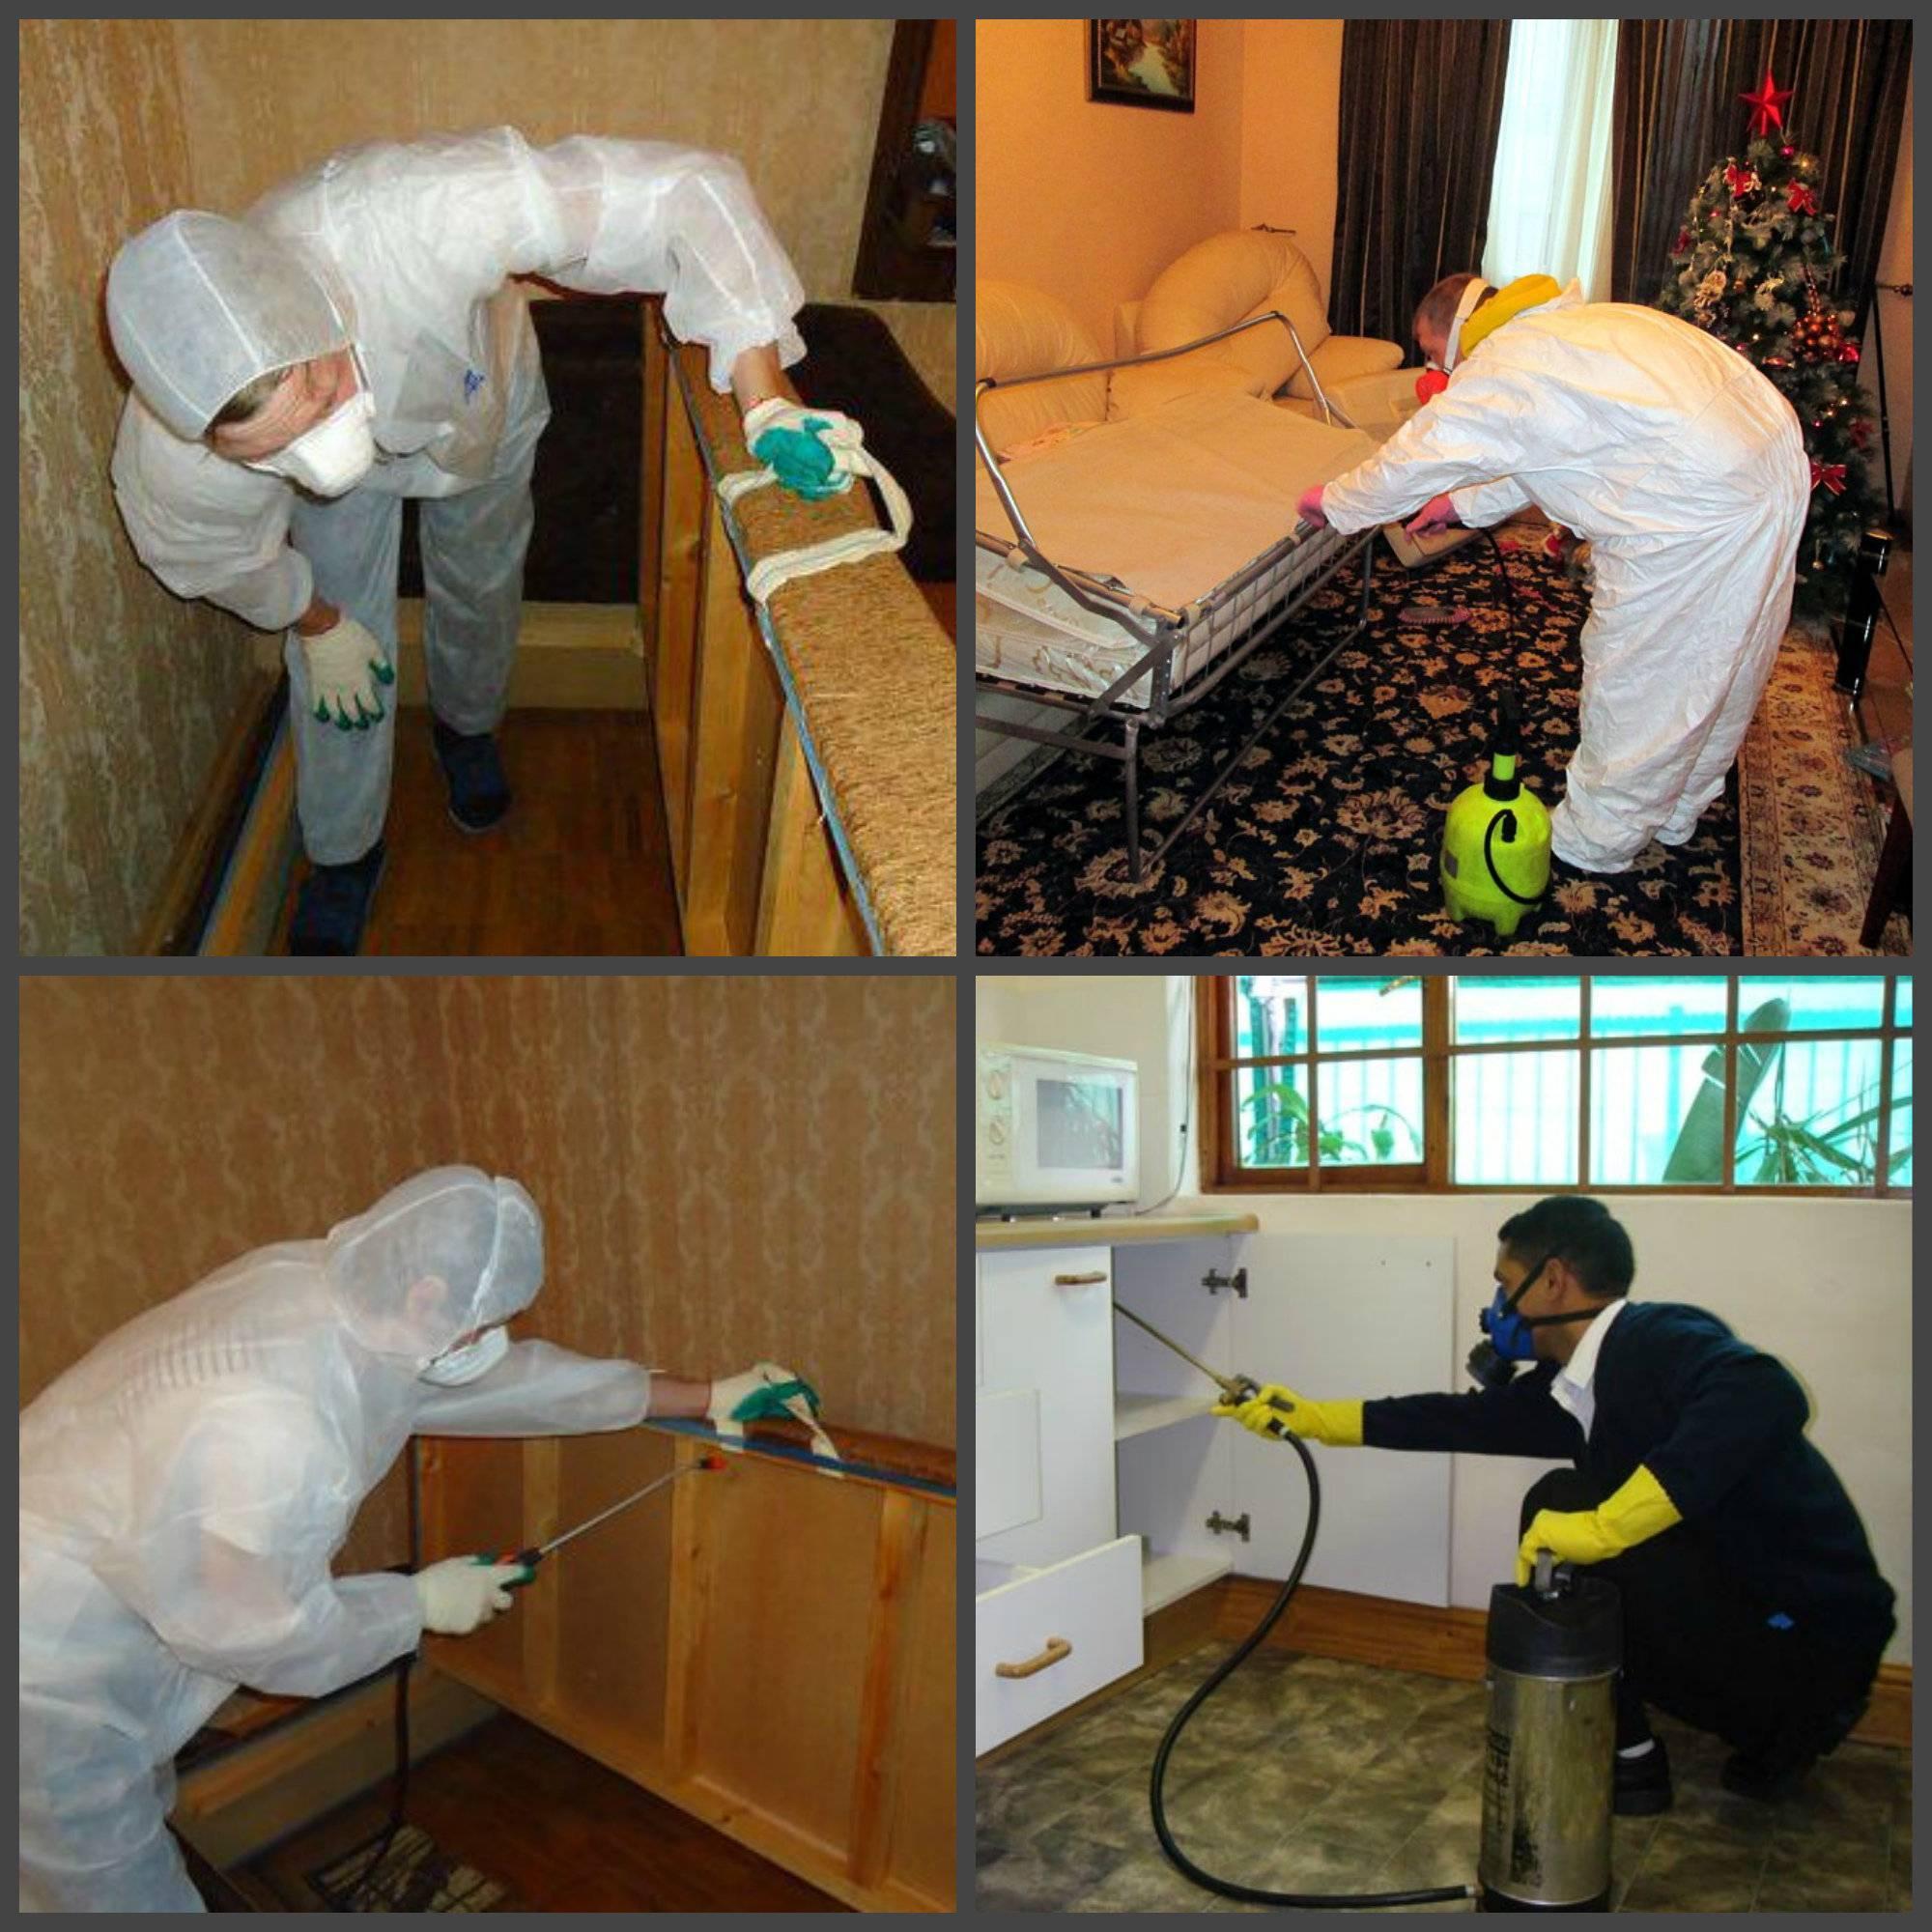 Средства от клопов в домашних условиях: чего боятся паразиты, чем лучше их травить в квартире и доме